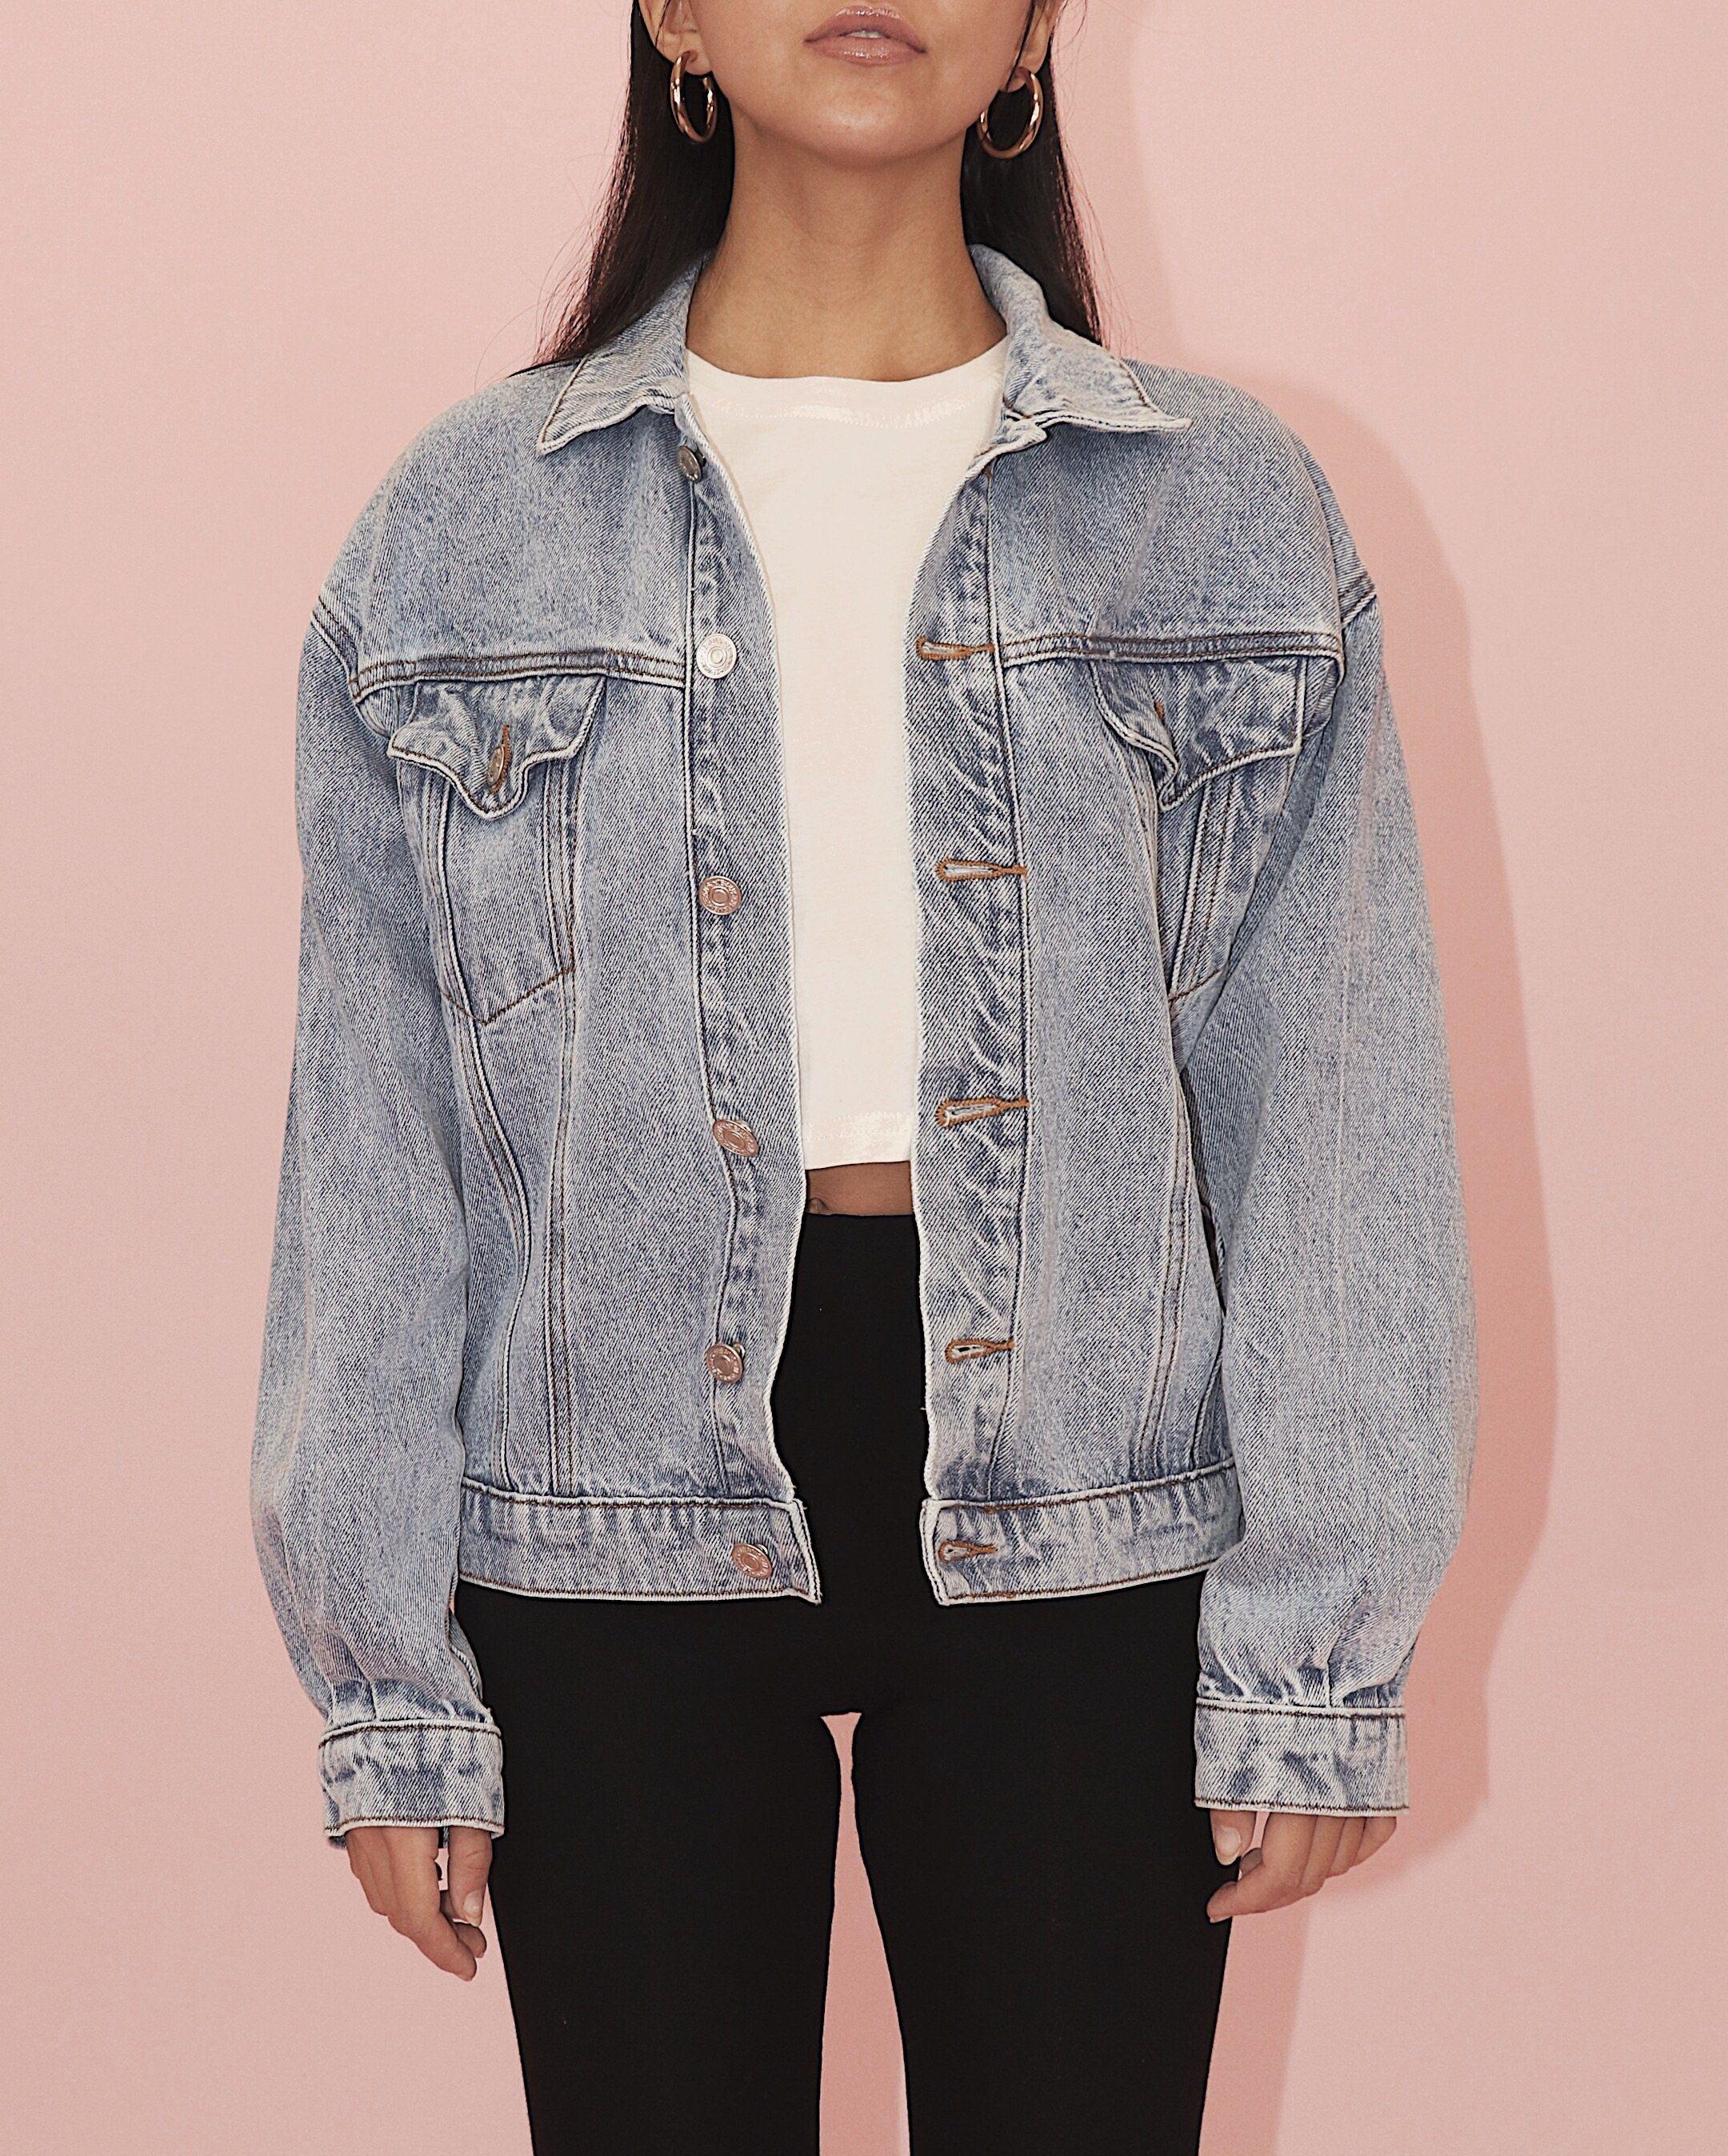 Girlfriend Jeans Jean Jacket Outfits Denim Jacket Jackets